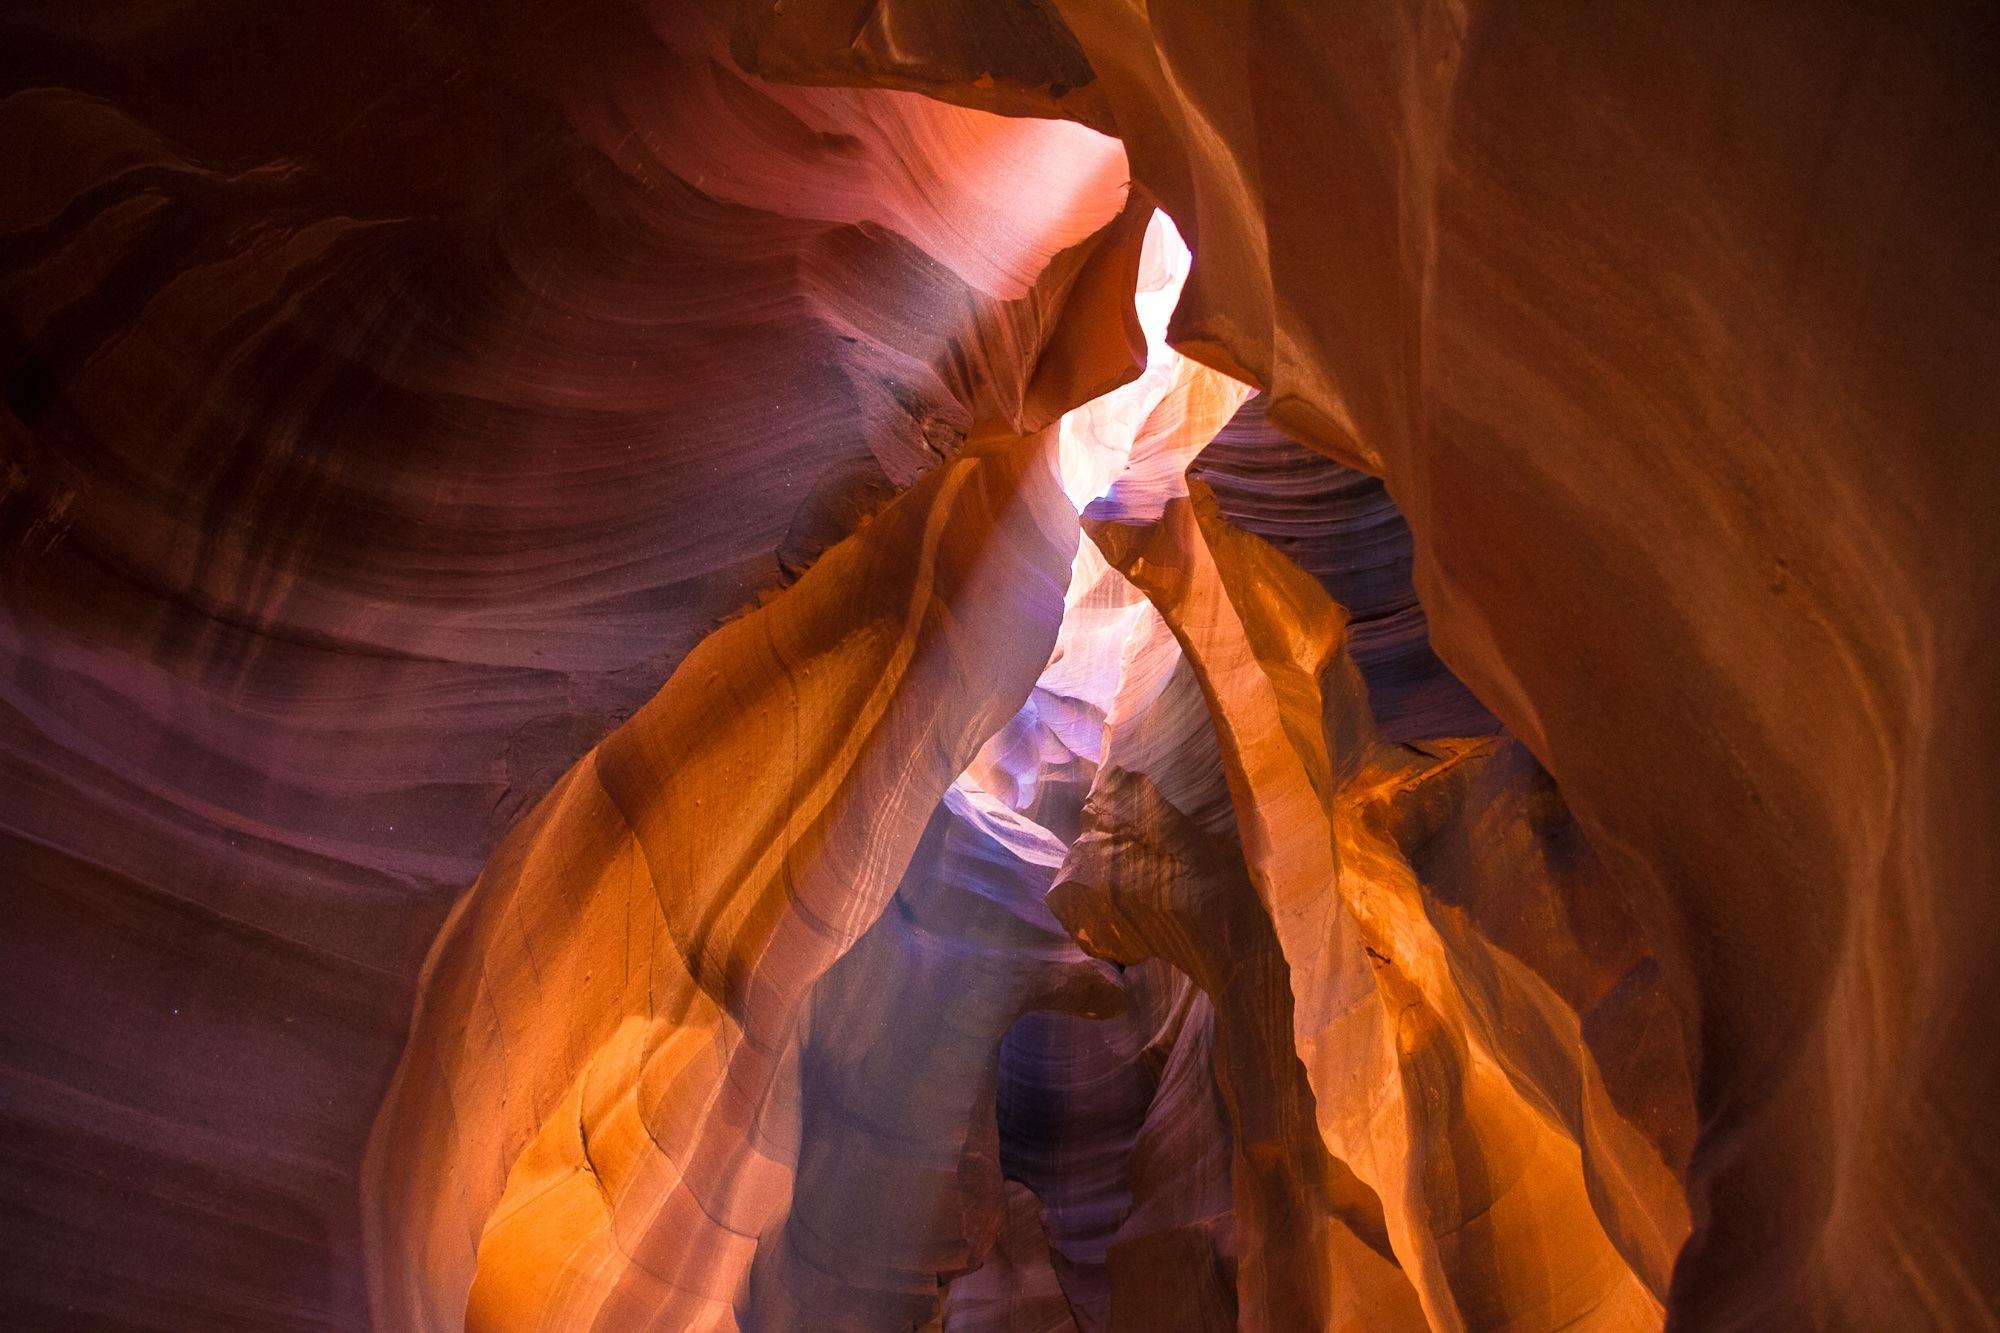 Antelope Canyon, rocas, luz, rayos de sol, rayos de luz, canon, pierdras, curvas.